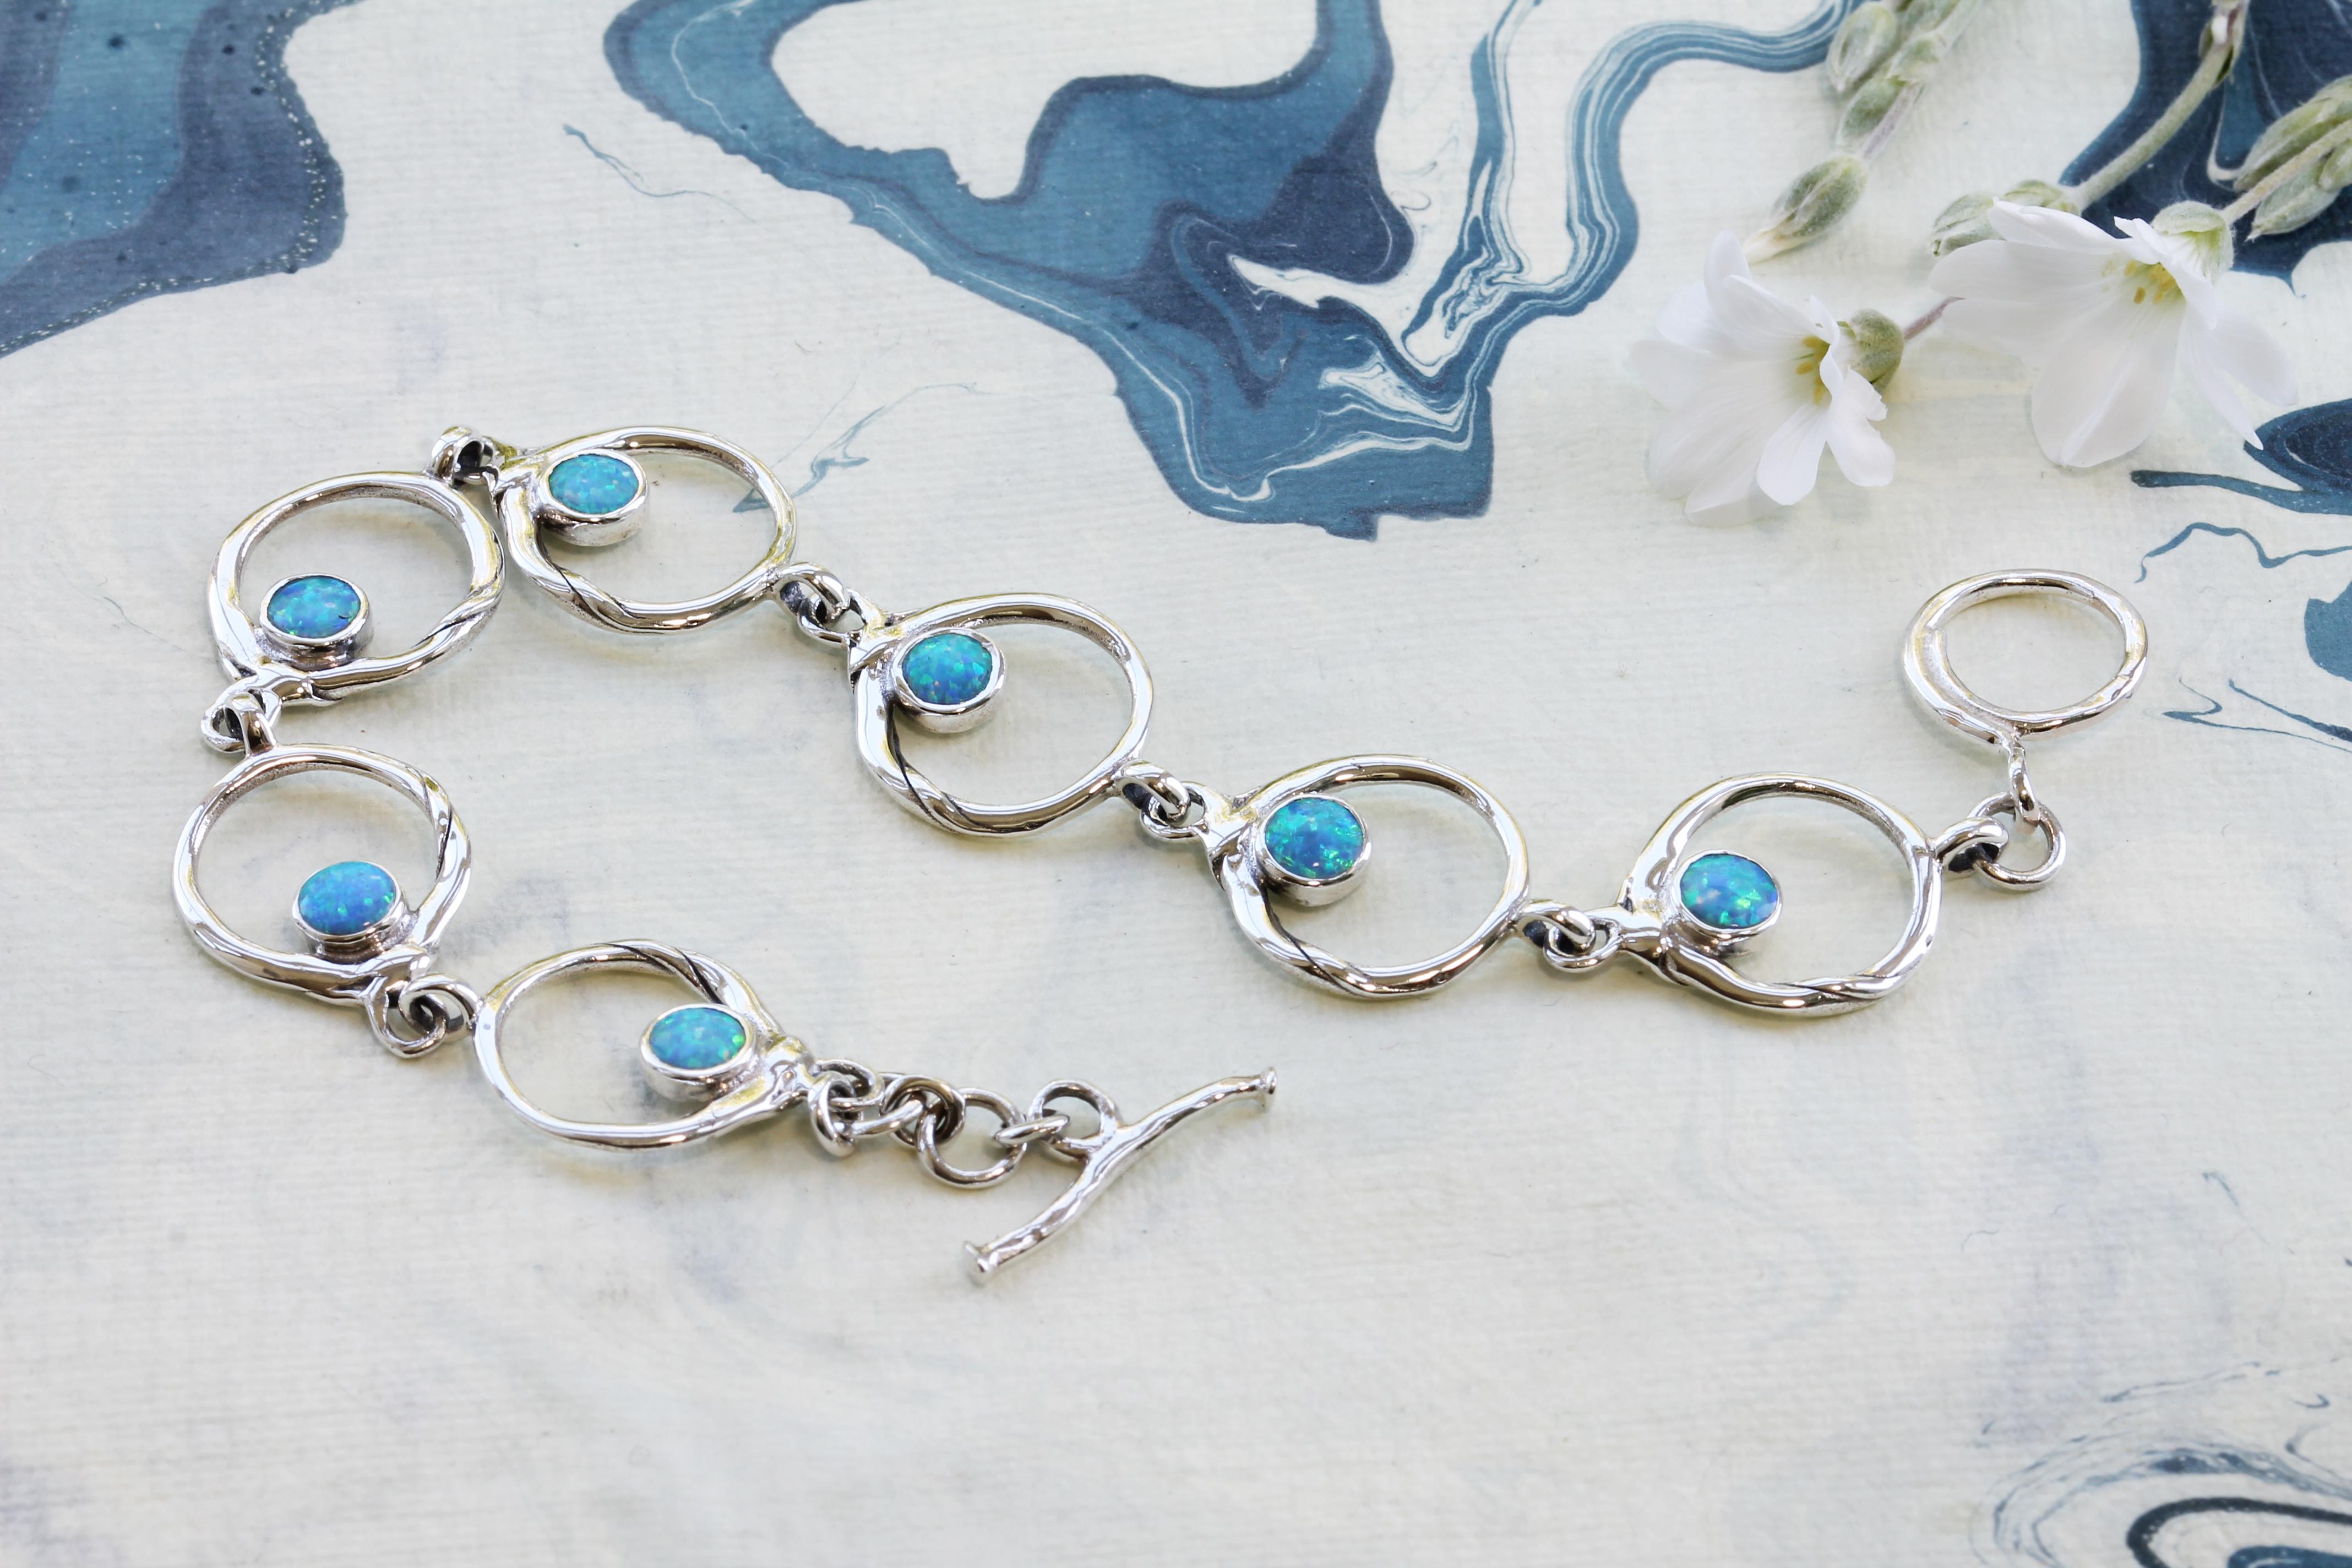 Blue Opalite Bracelet in Sterling Silver